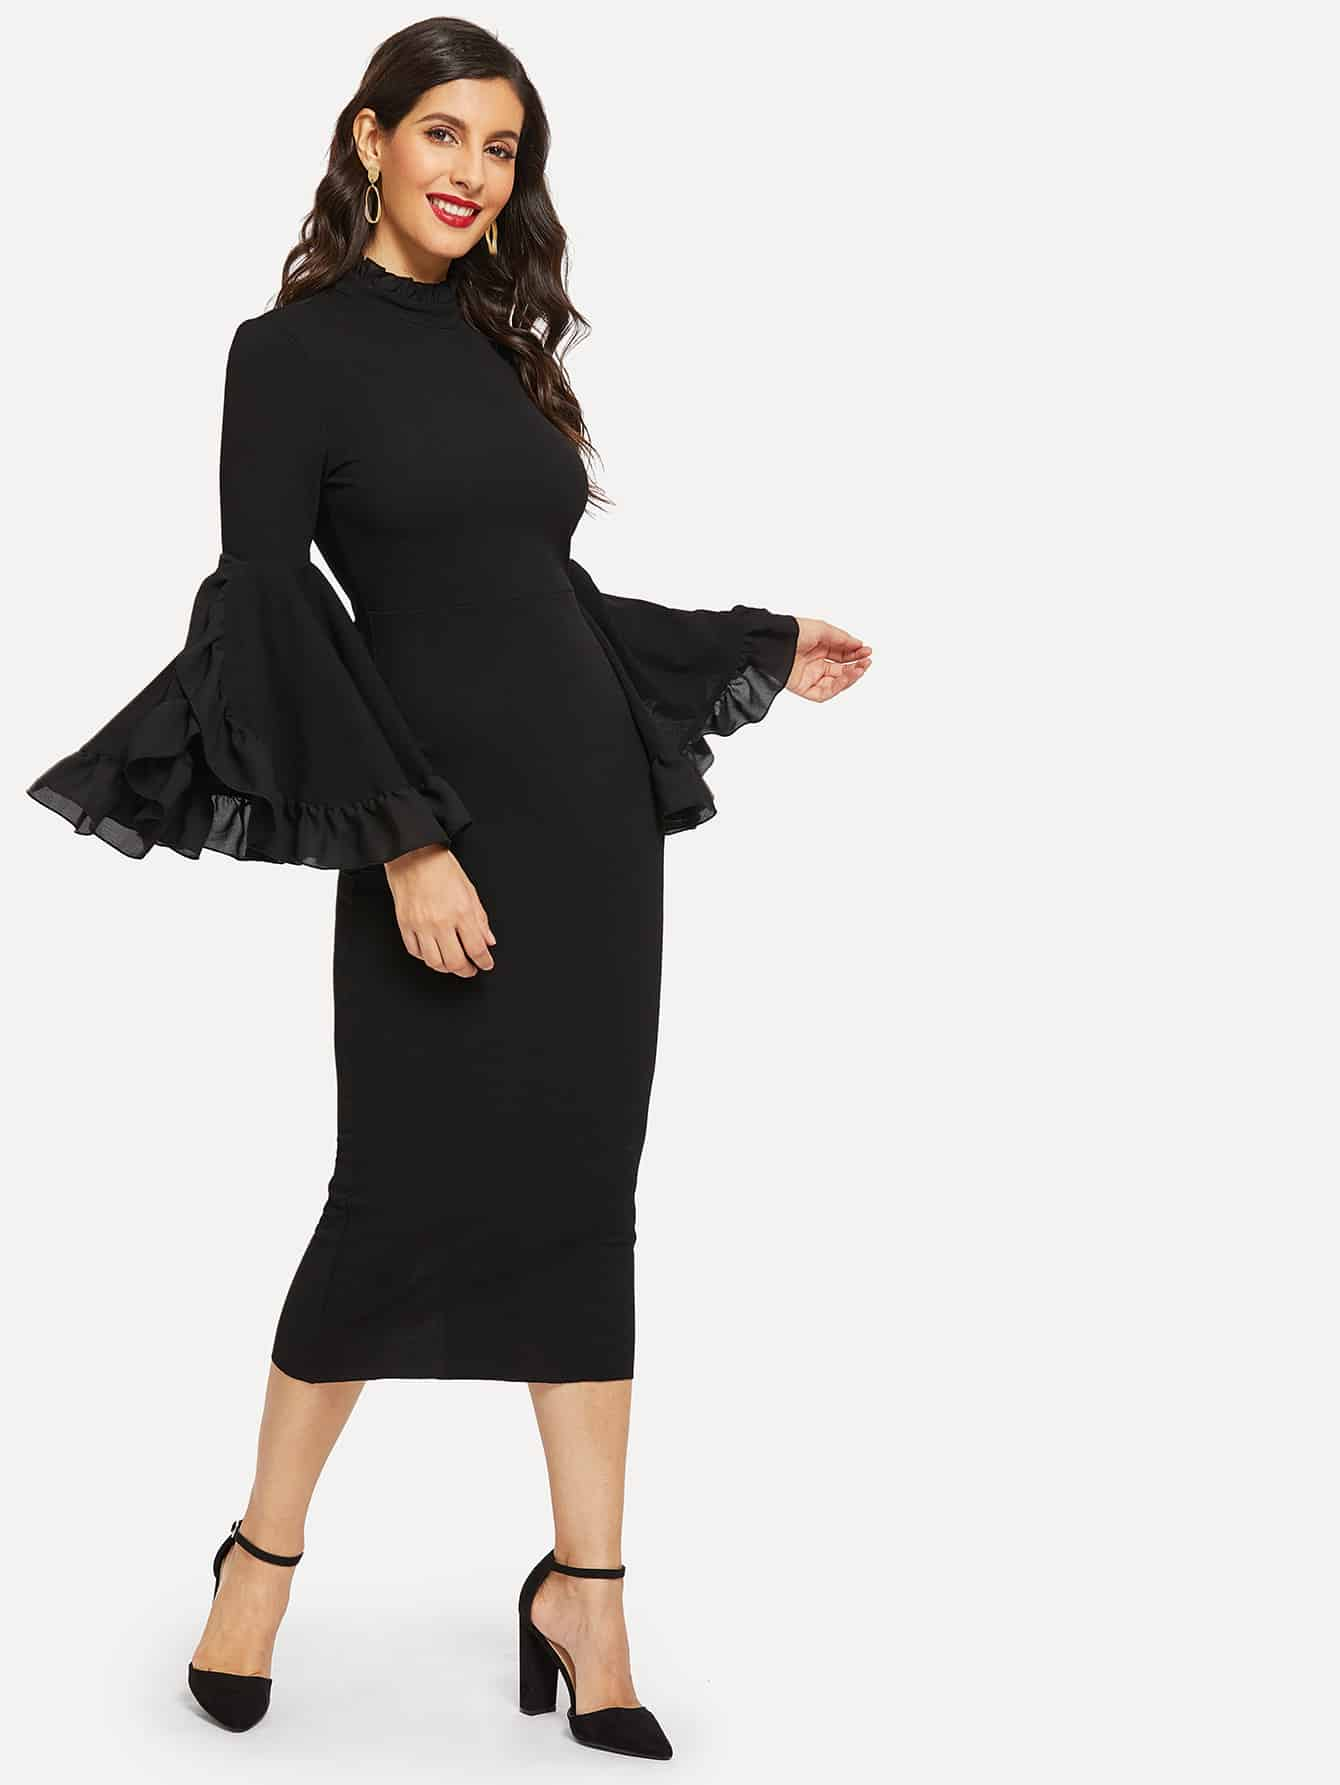 Фото - Разрезное платье-карандаш с оборками на рукавах от SheIn цвет чёрные